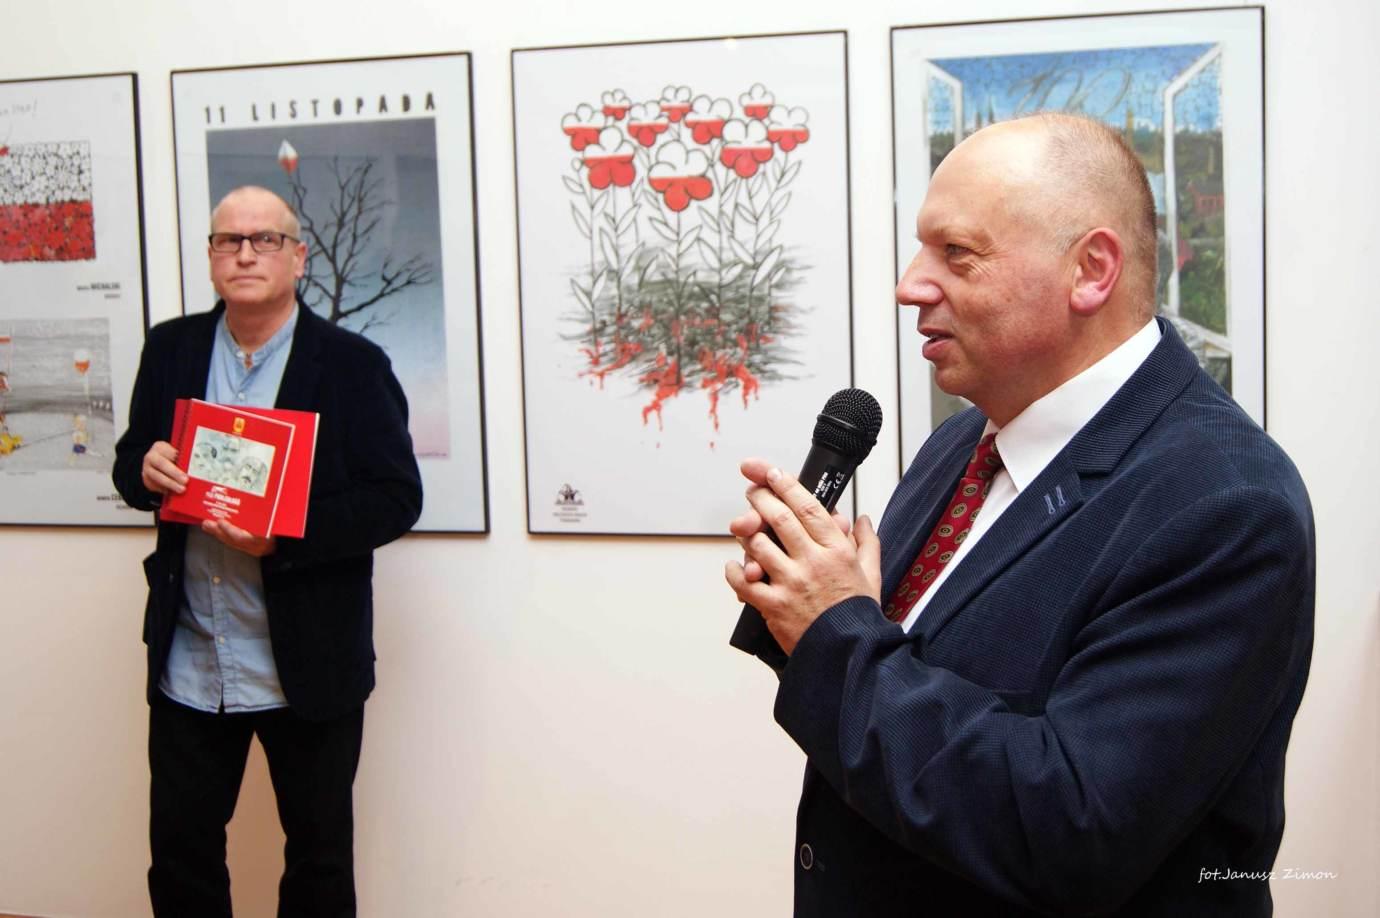 8 11 2019 100 lecie niepodleglosci bwa fot janusz zimon 16 Zamość: Satyryczna wystawa na rocznicę niepodległości [FOTORELACJA]